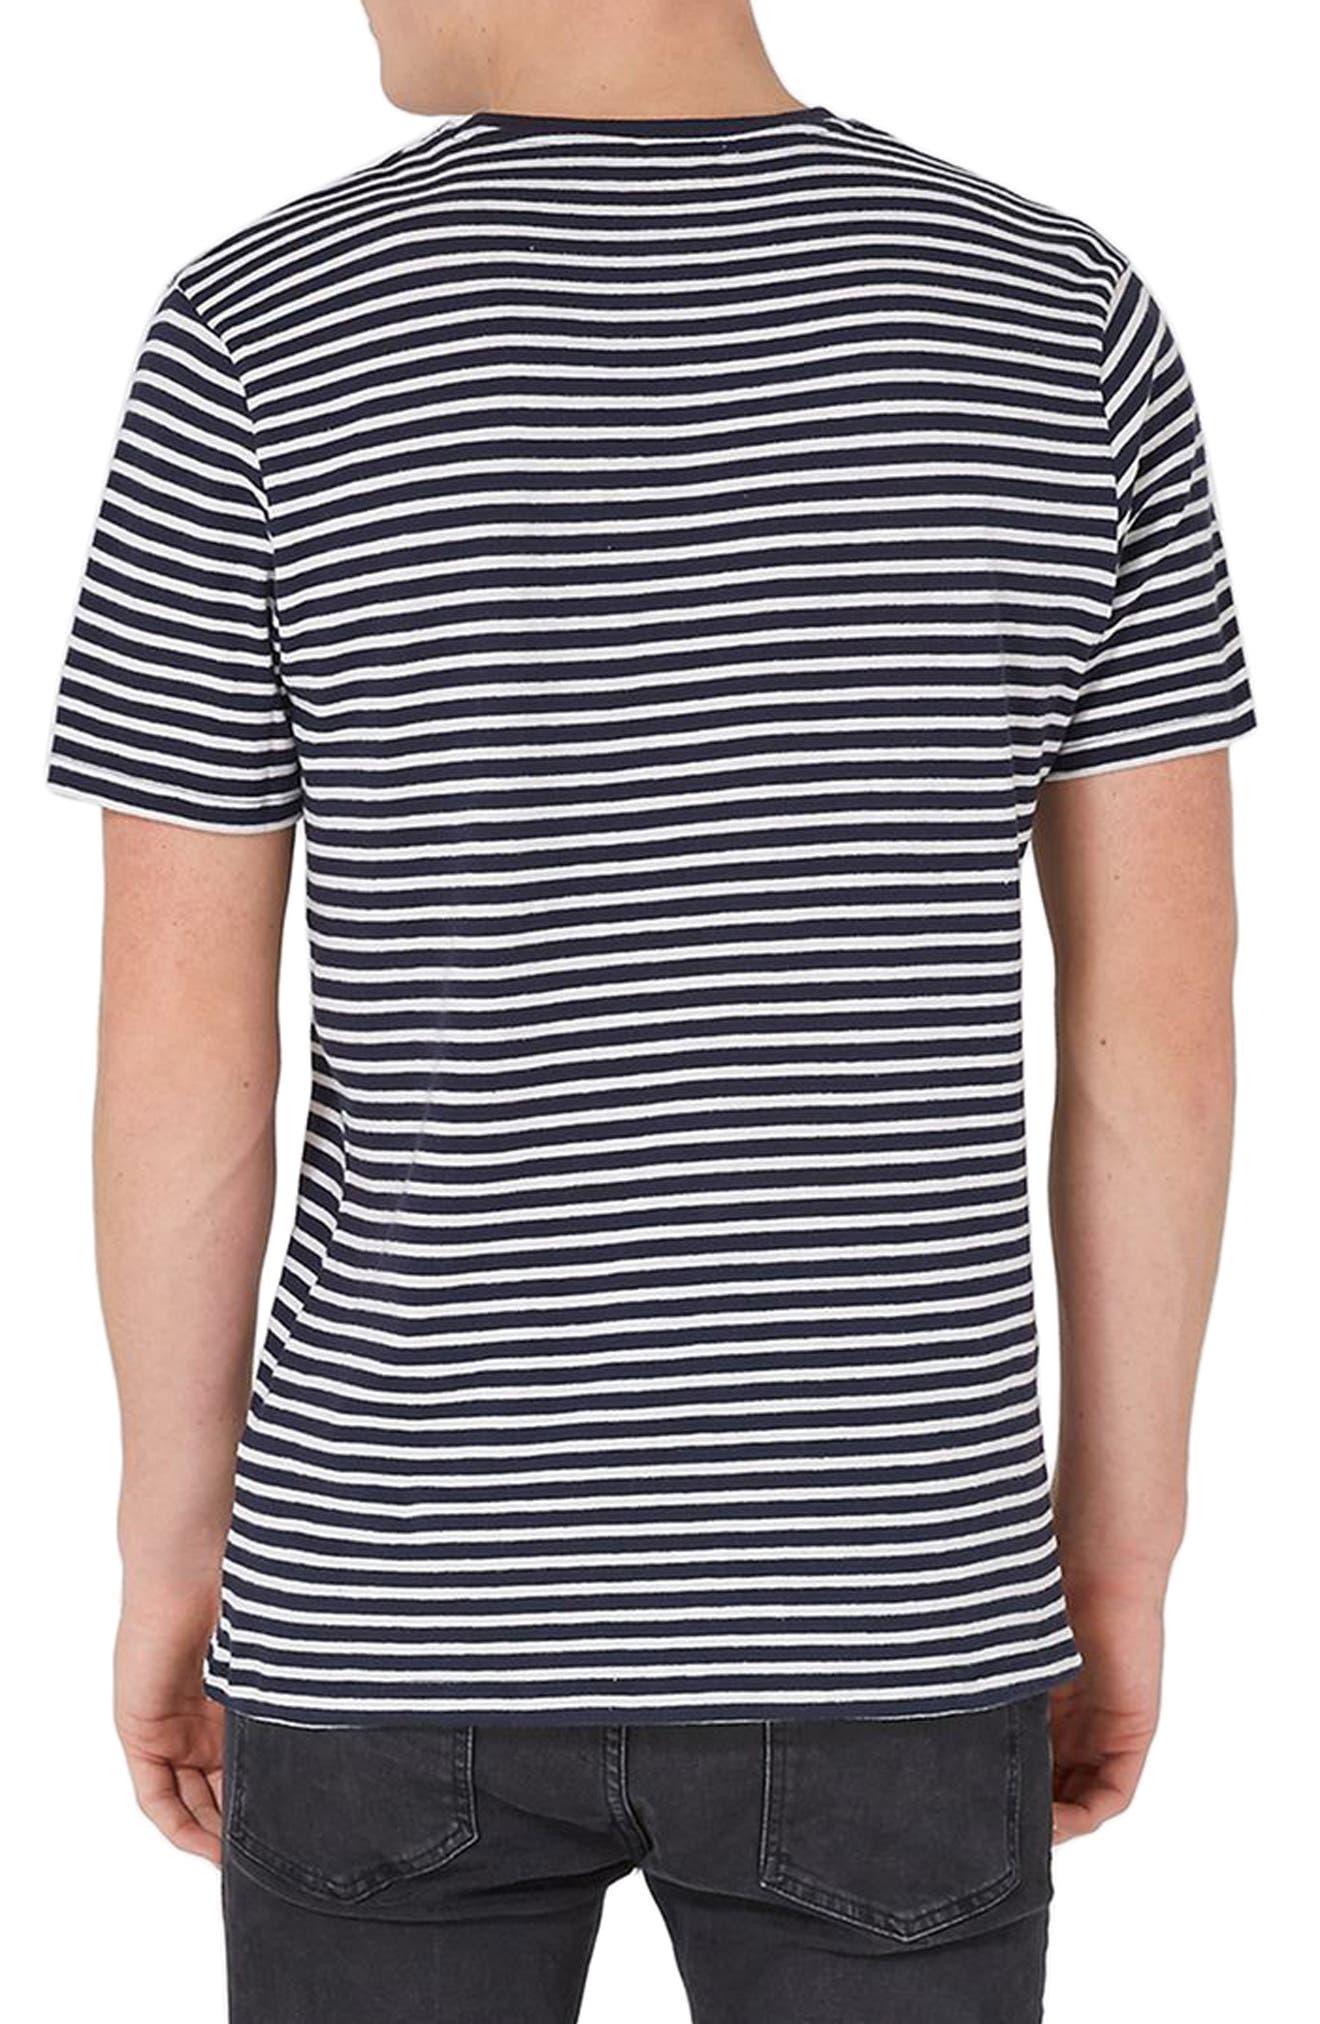 Nirvana Stripe T-Shirt,                             Alternate thumbnail 2, color,                             401